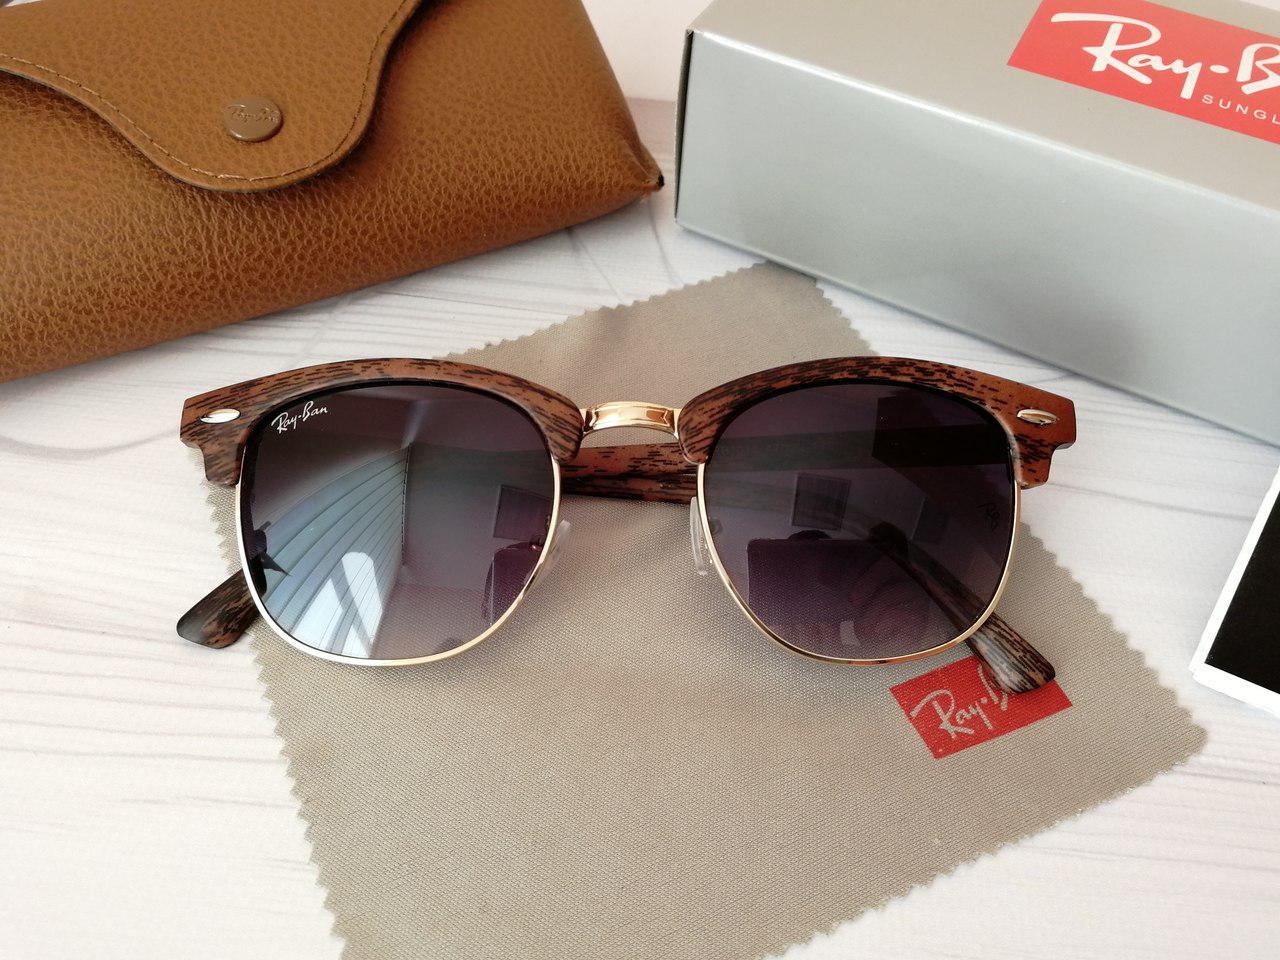 Солнцезащитные очки Ray Ban Рэй Бэн Клабмастер коричневые с фиолетовым градиентом (реплика)